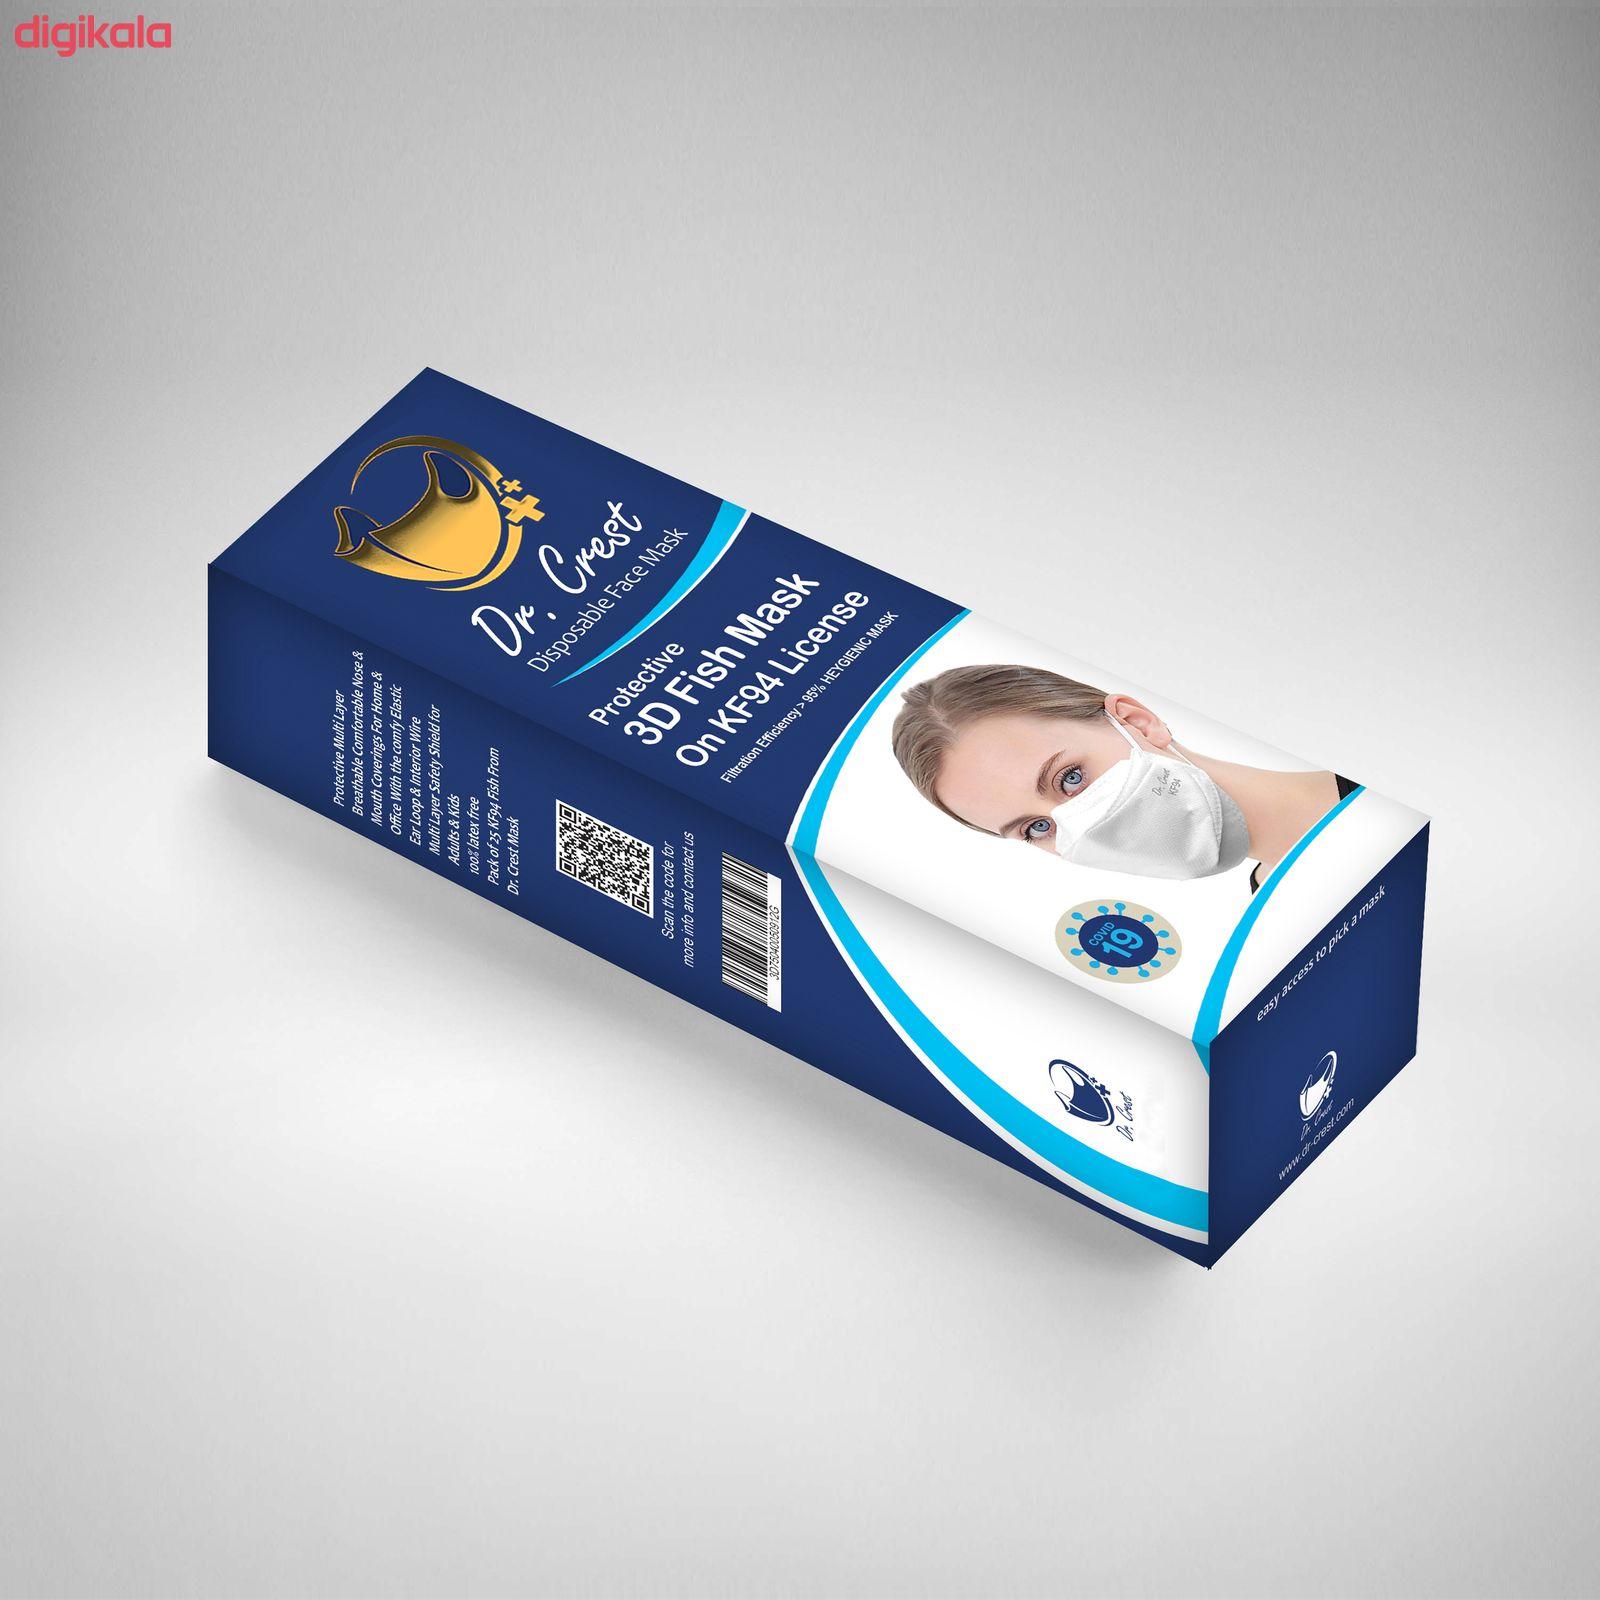 ماسک تنفسی دکتر کرست مدل Drc-3D-40 main 1 3